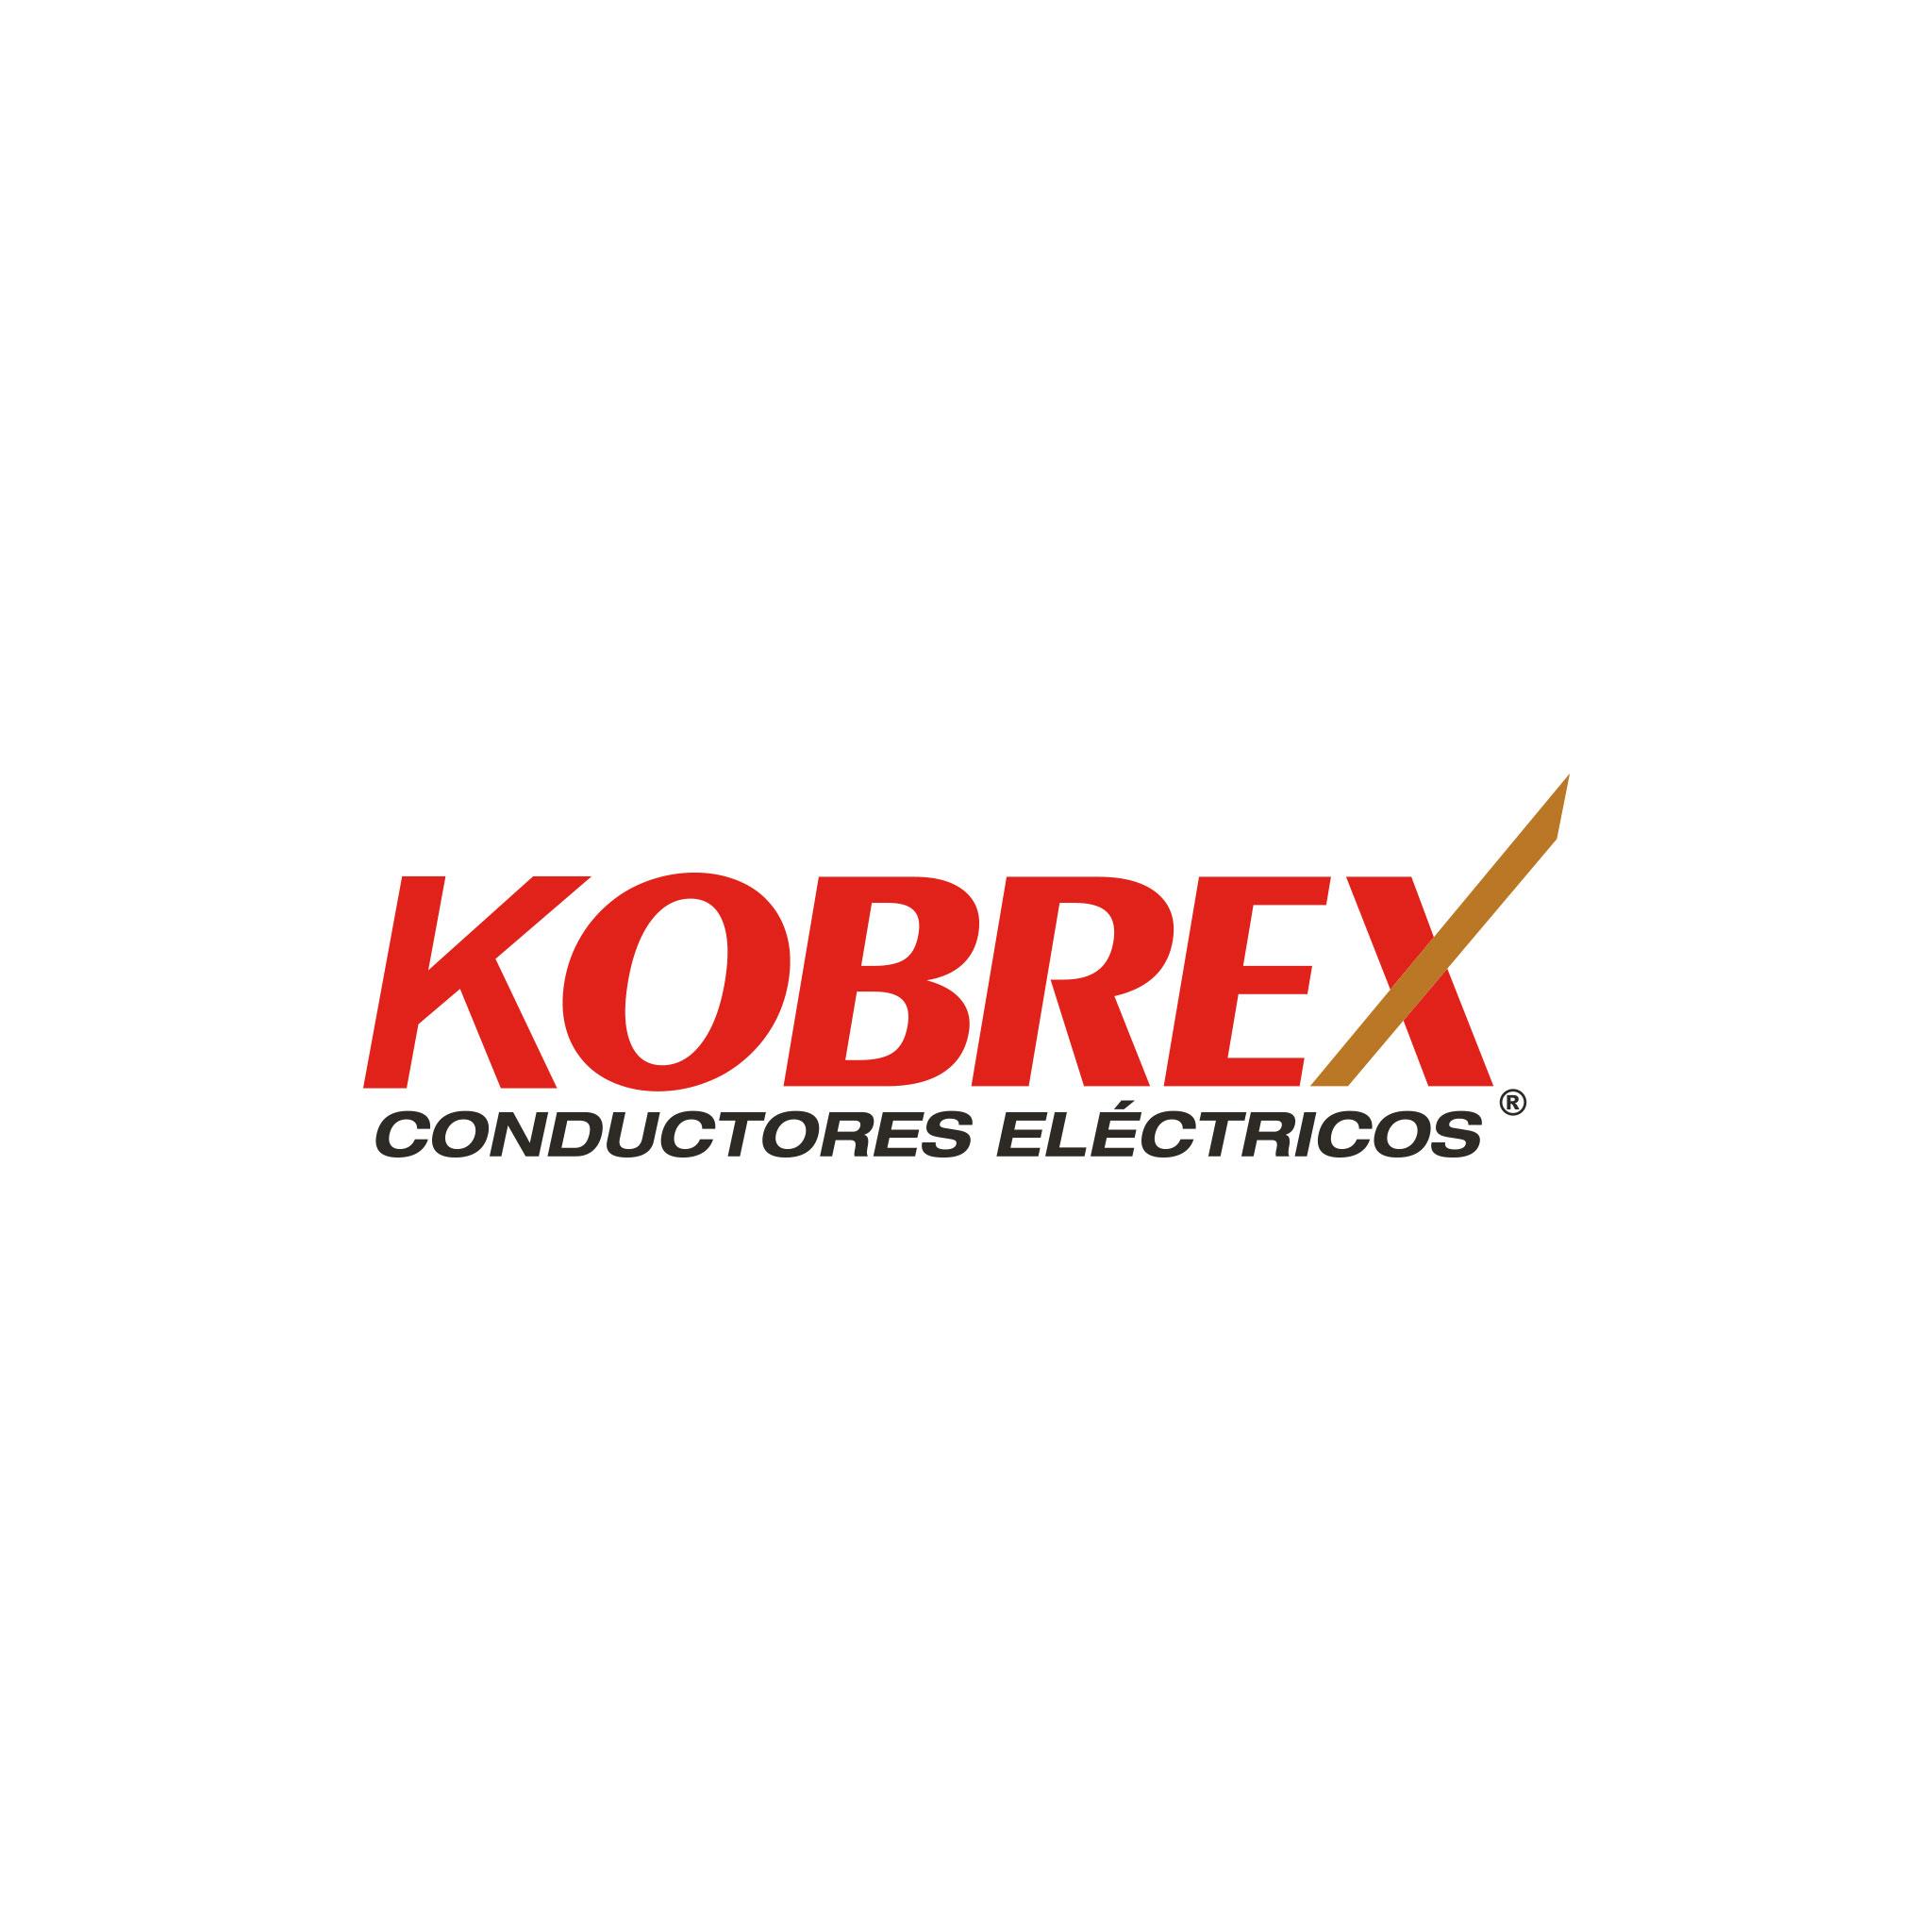 Kobrex